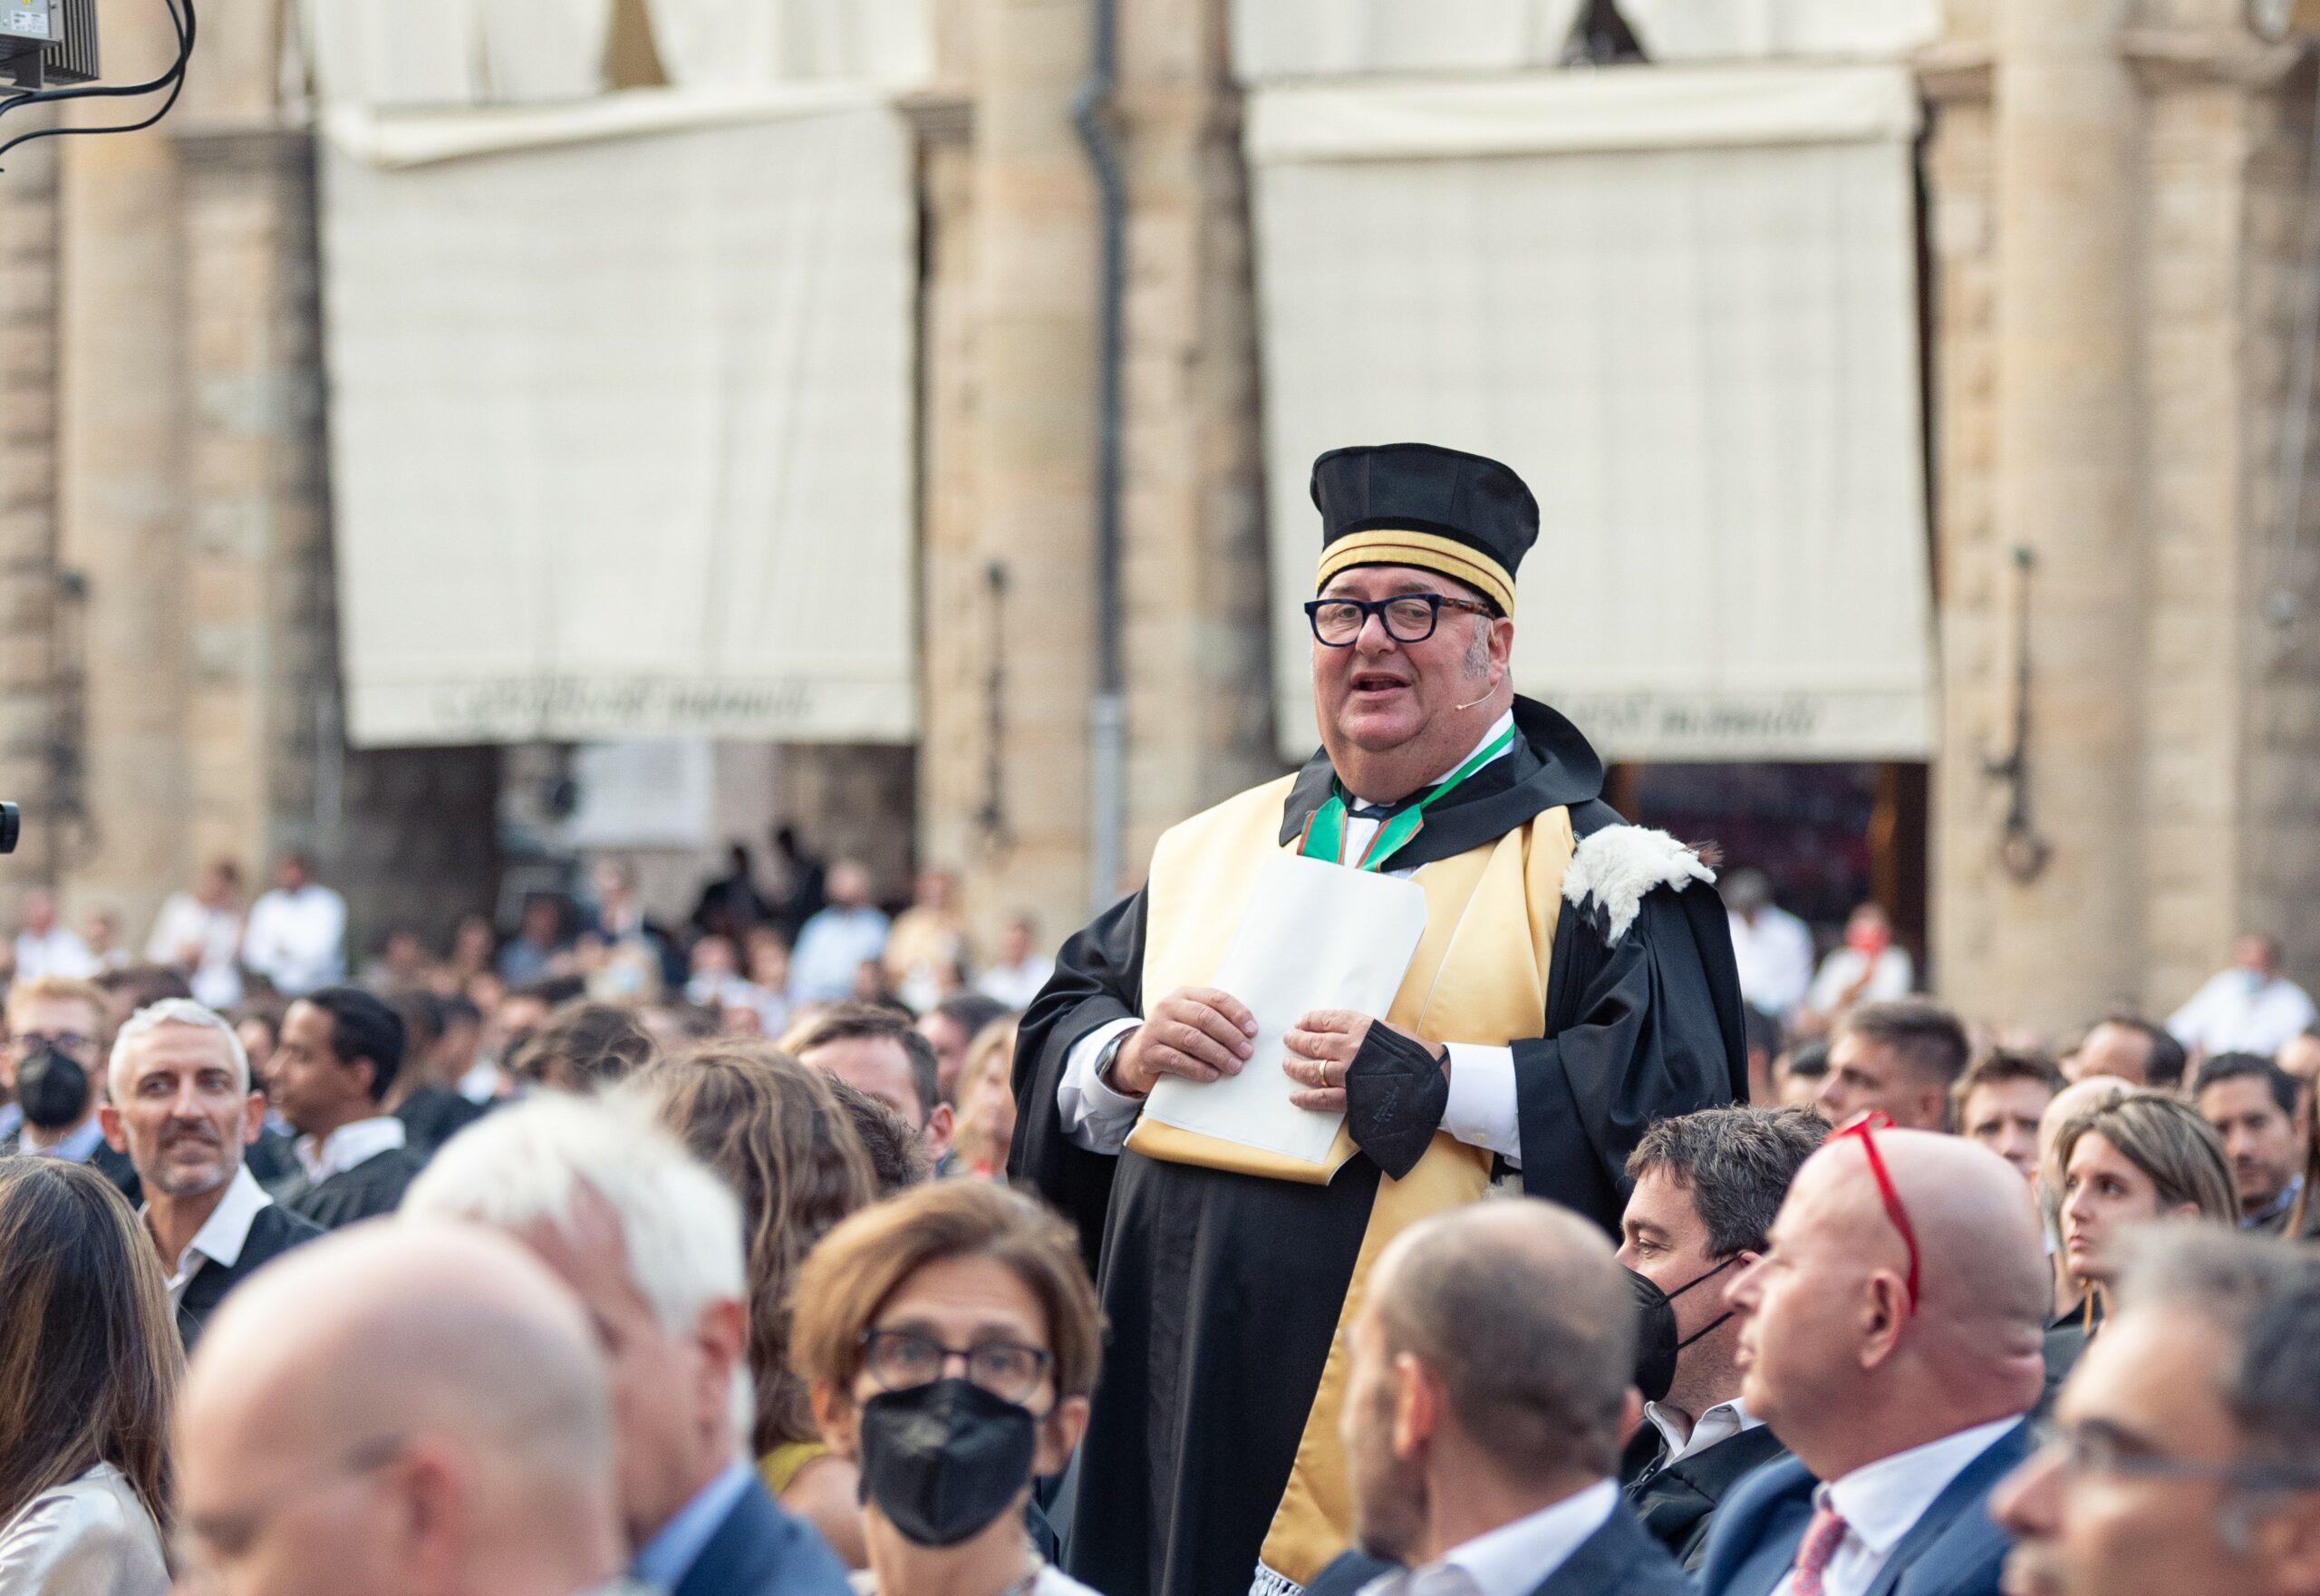 Dean_Piazza Maggiore_Graduation 2020|2021